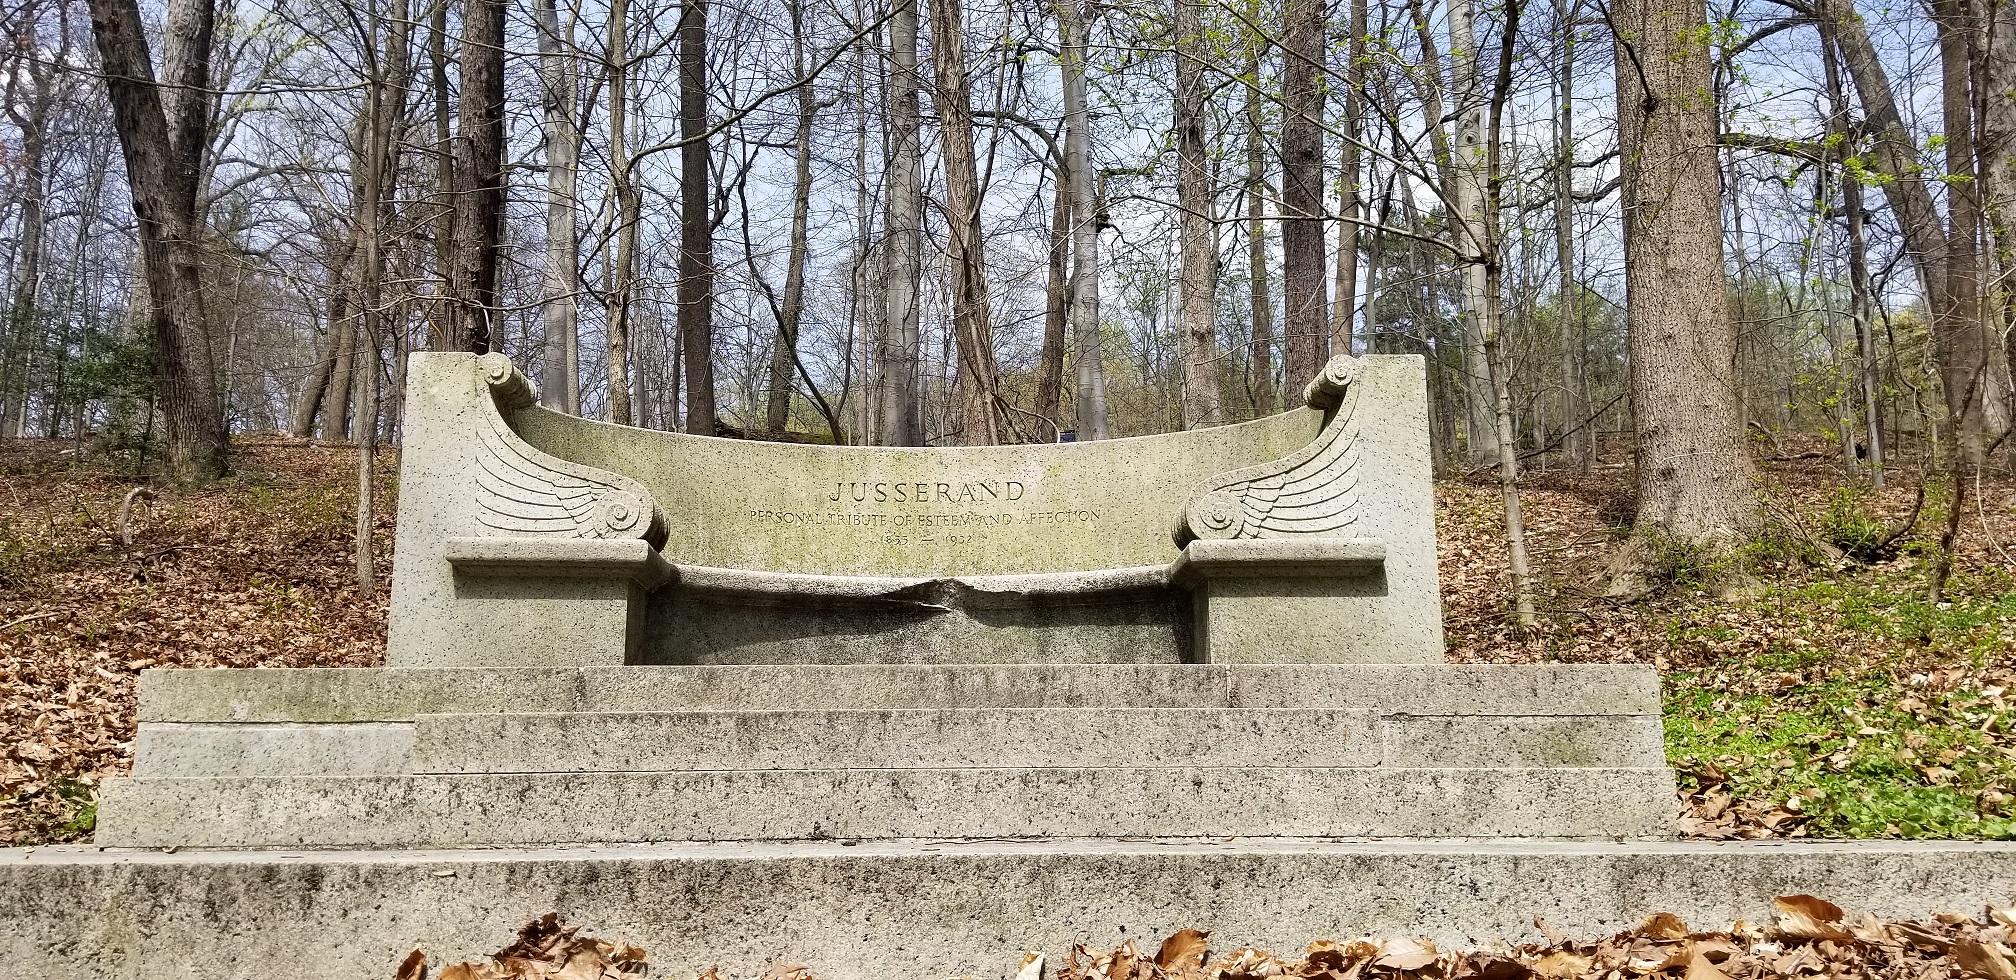 Jusserand bench memorial